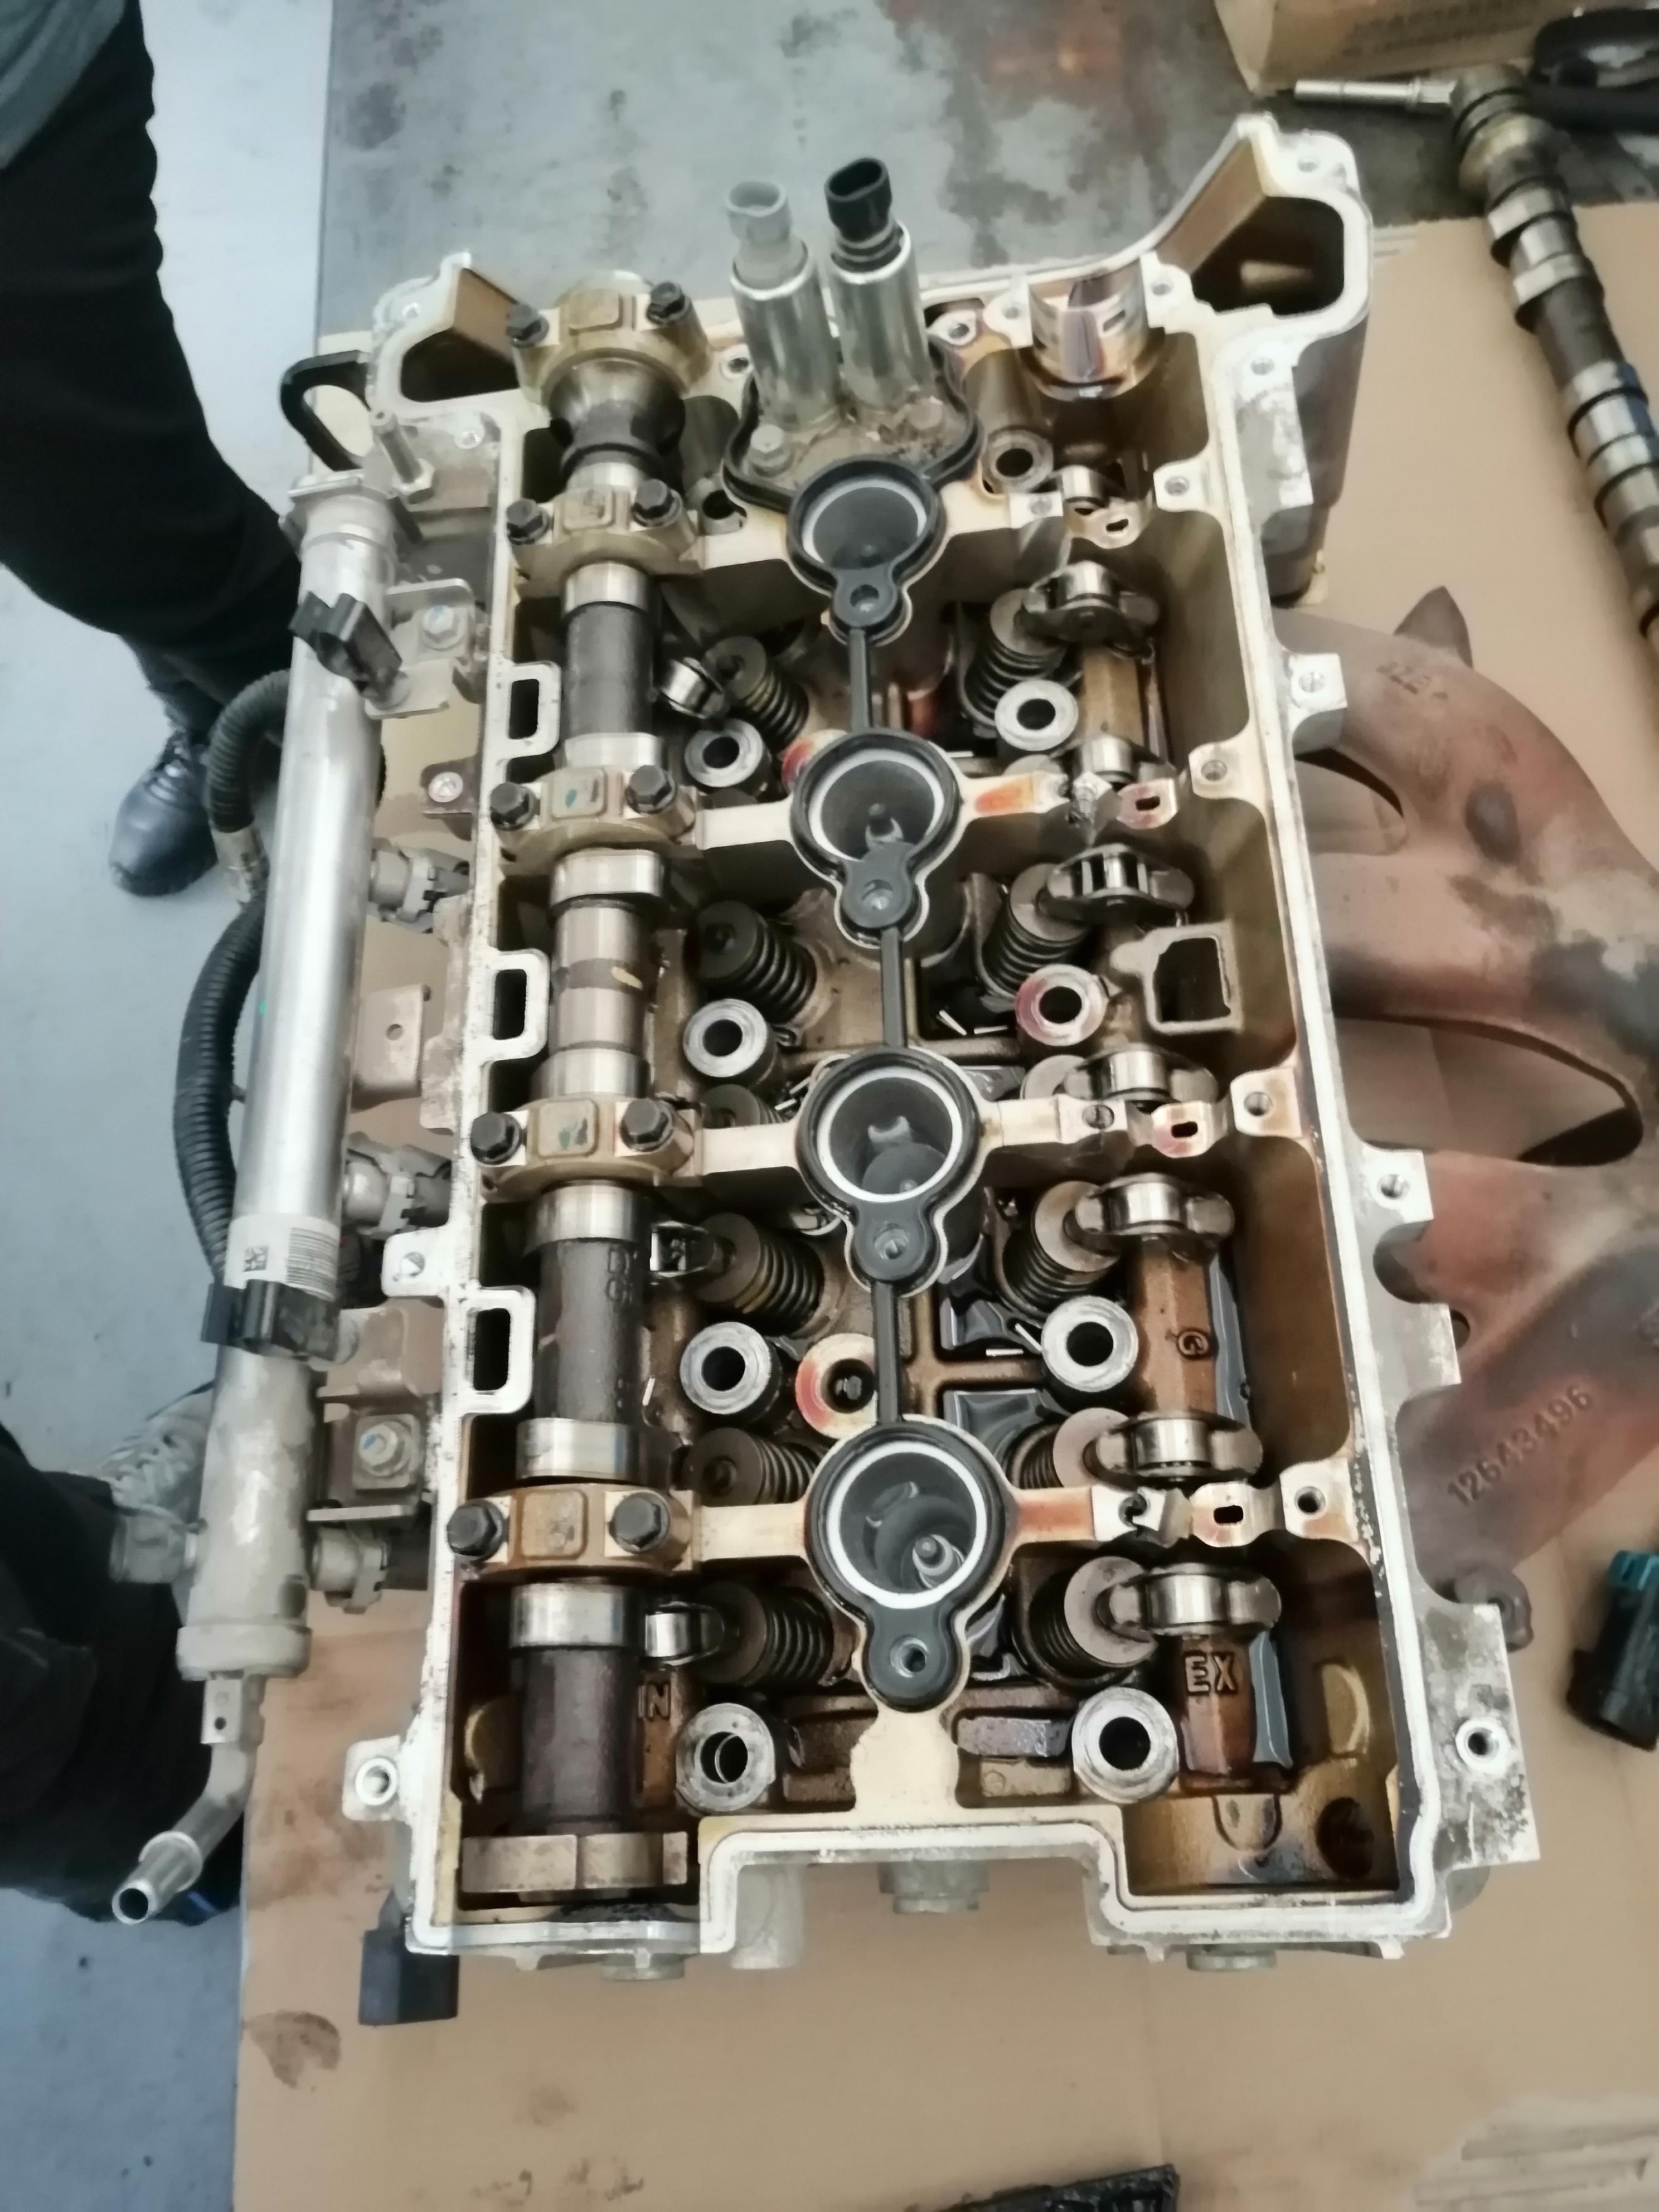 雪佛兰-迈锐宝发动机无故内部损坏大修